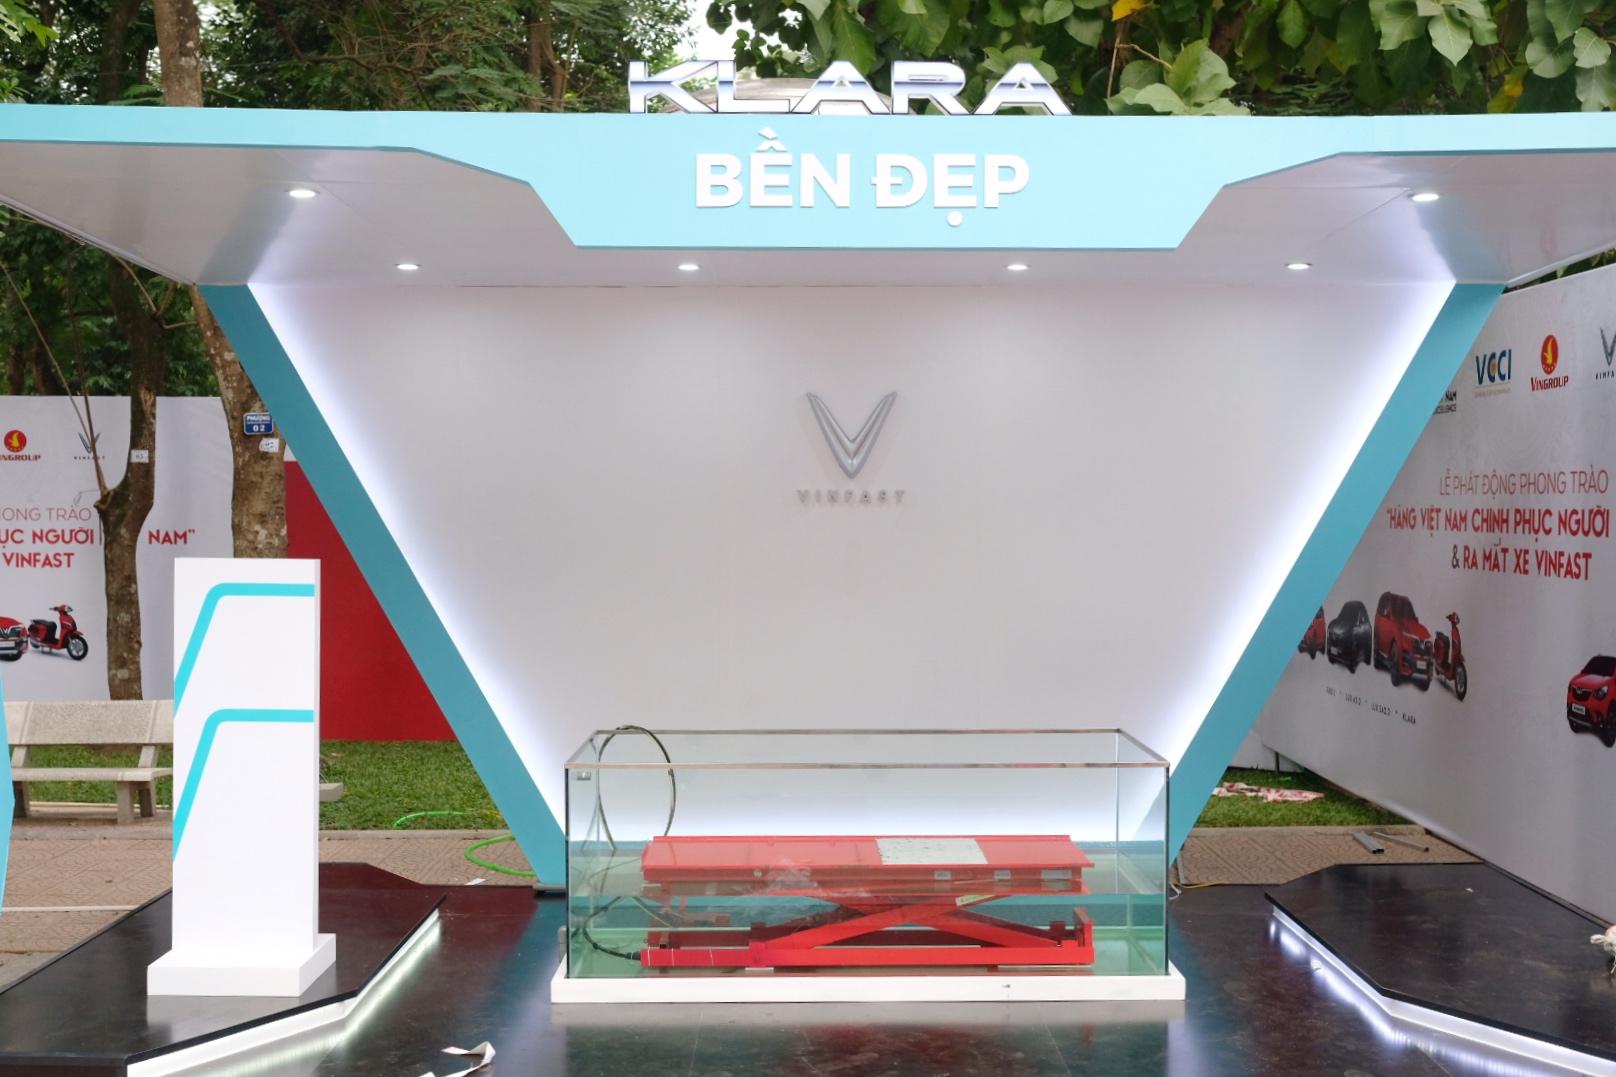 Những hình ảnh mới nhất của ô tô Vinfast chuẩn bị lễ ra mắt tại Hà Nội 9